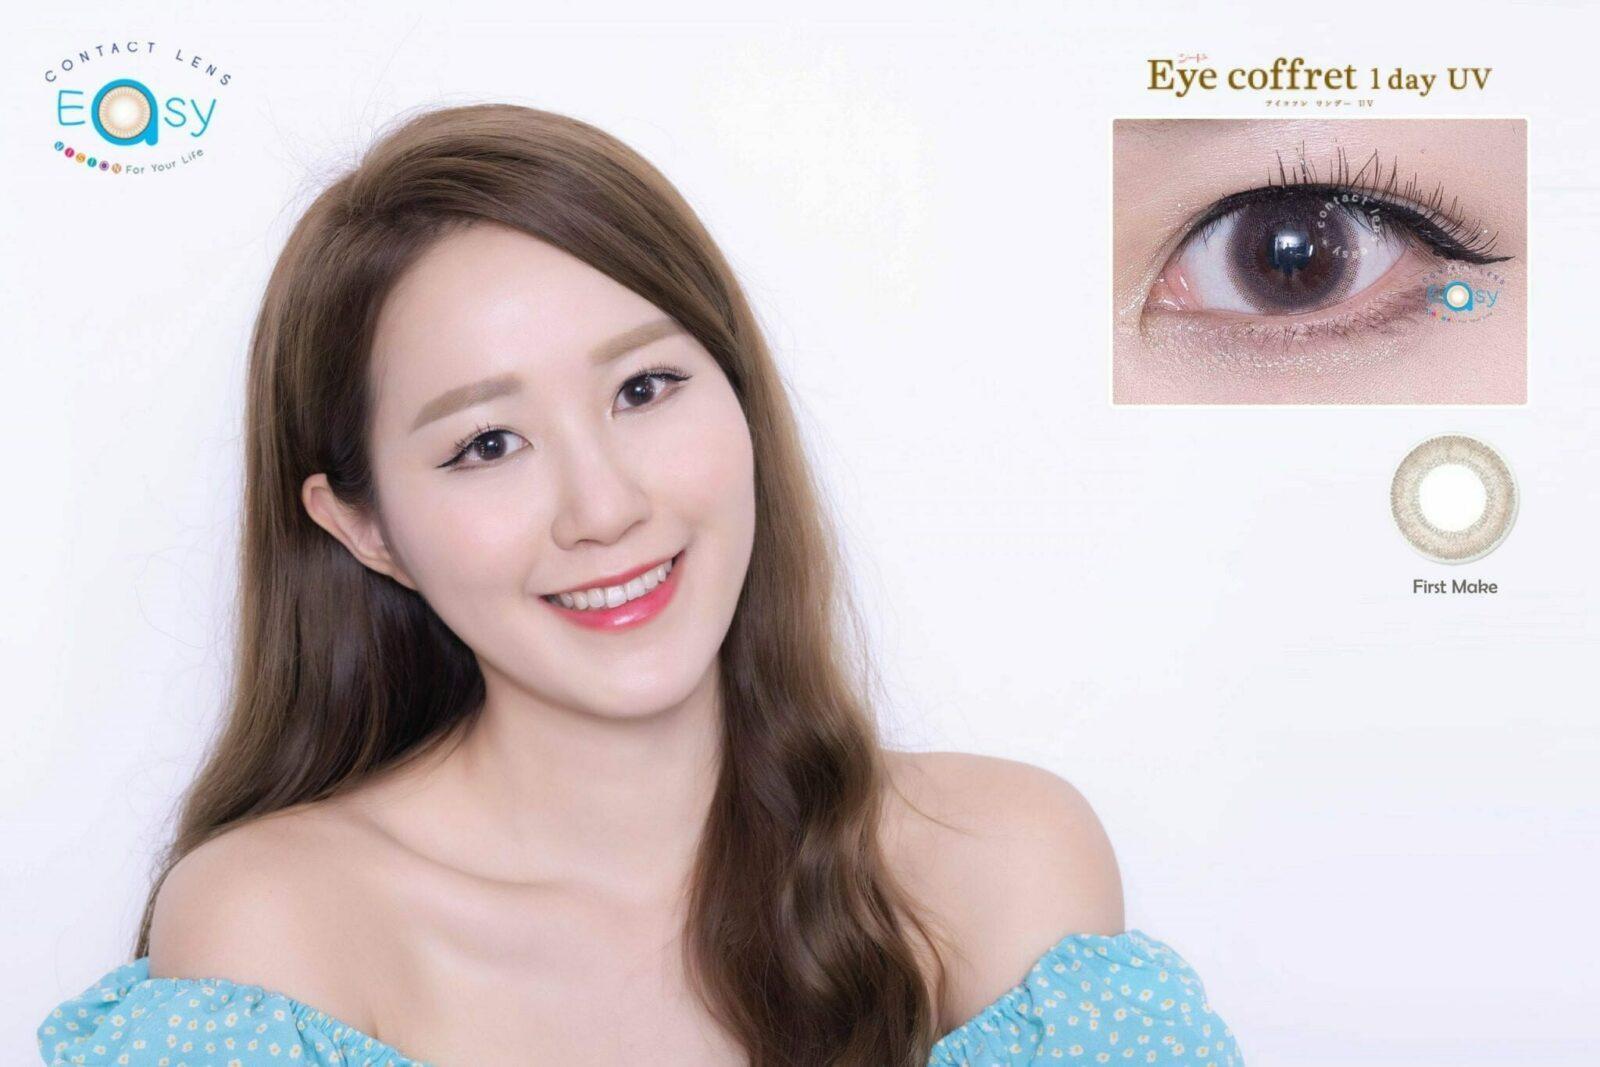 Eye Coffret 1 Day UV_info11